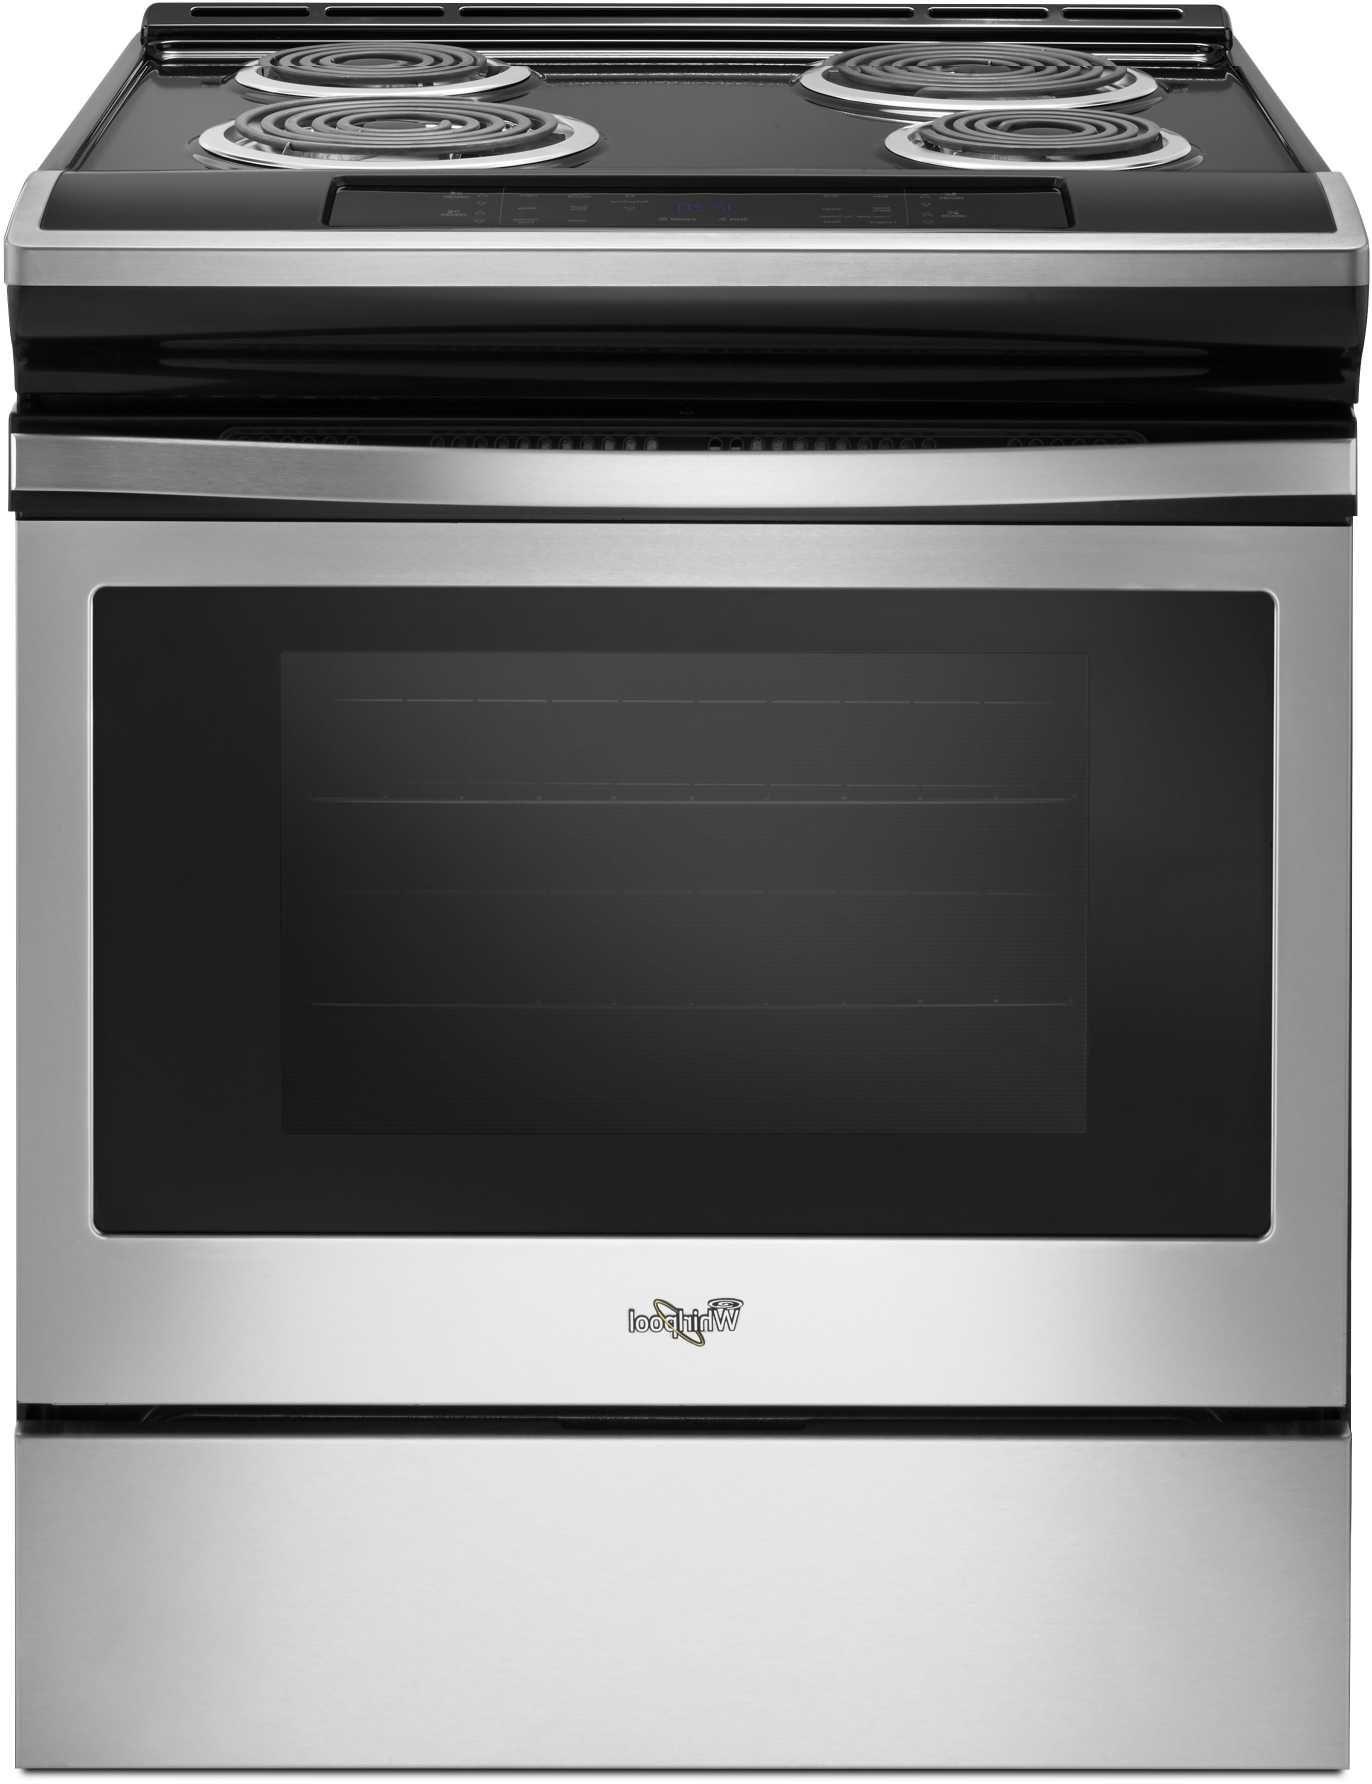 Find ge glass top stove repair